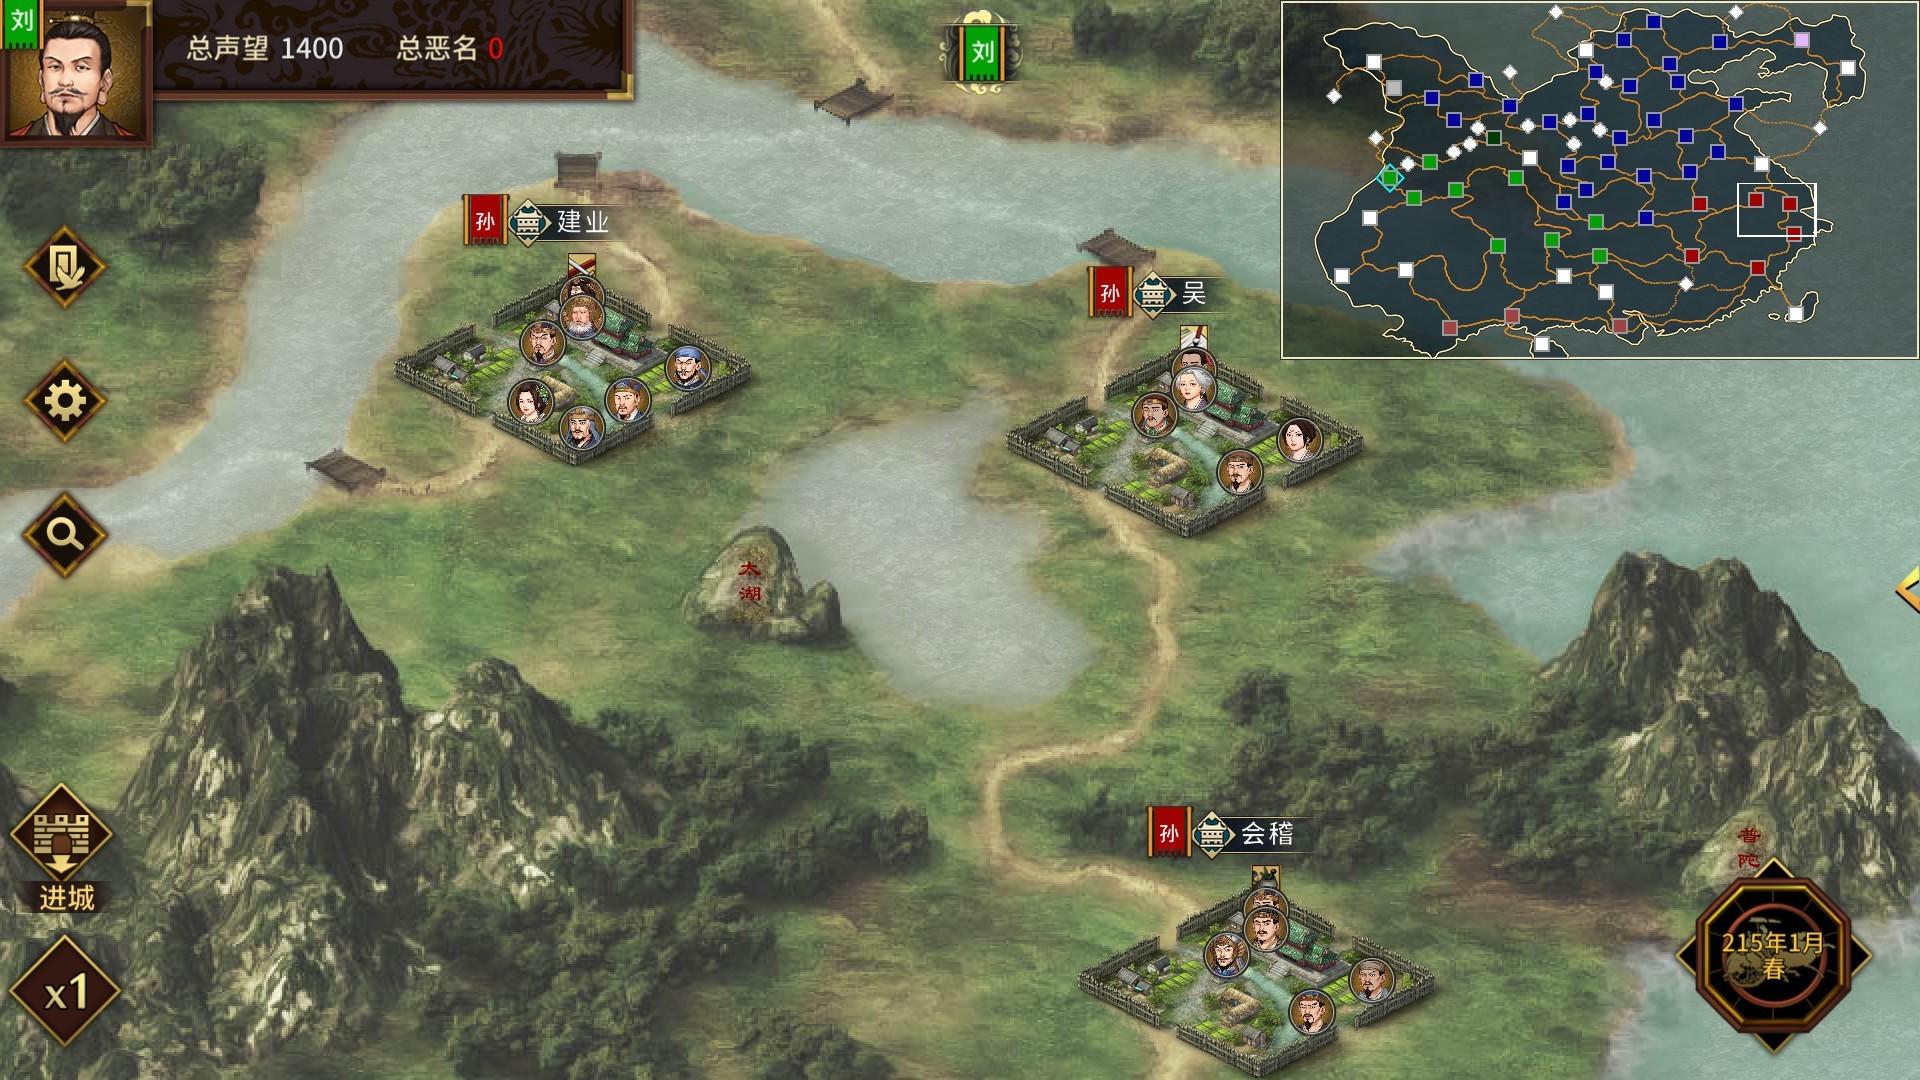 三国志:汉末霸业(V1.0.02402集成全DLCs)插图27